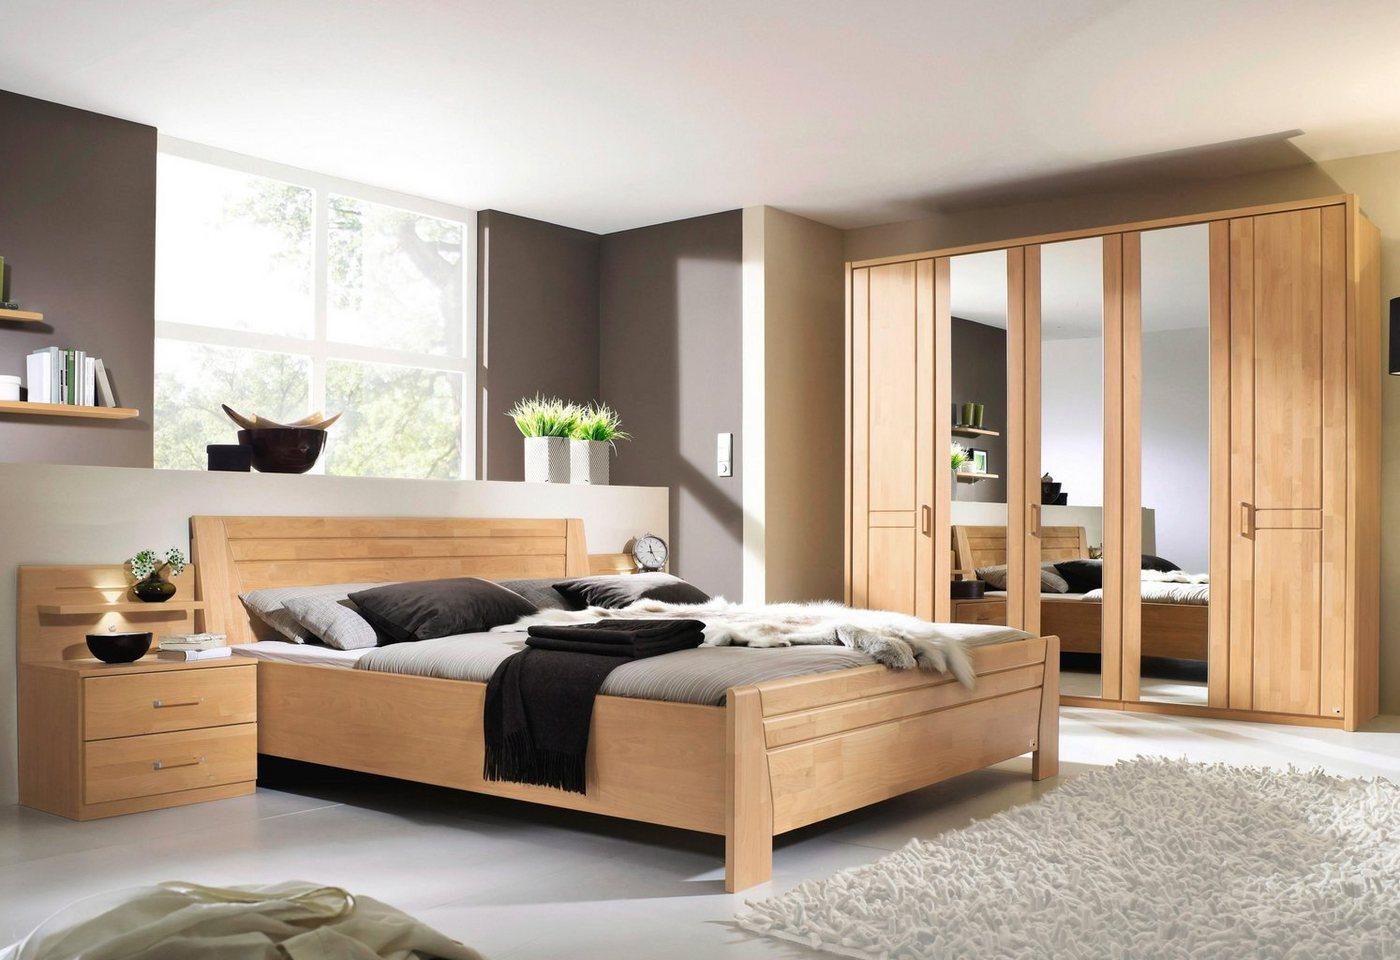 RAUCH Set slaapkamermeubelen 4-delig